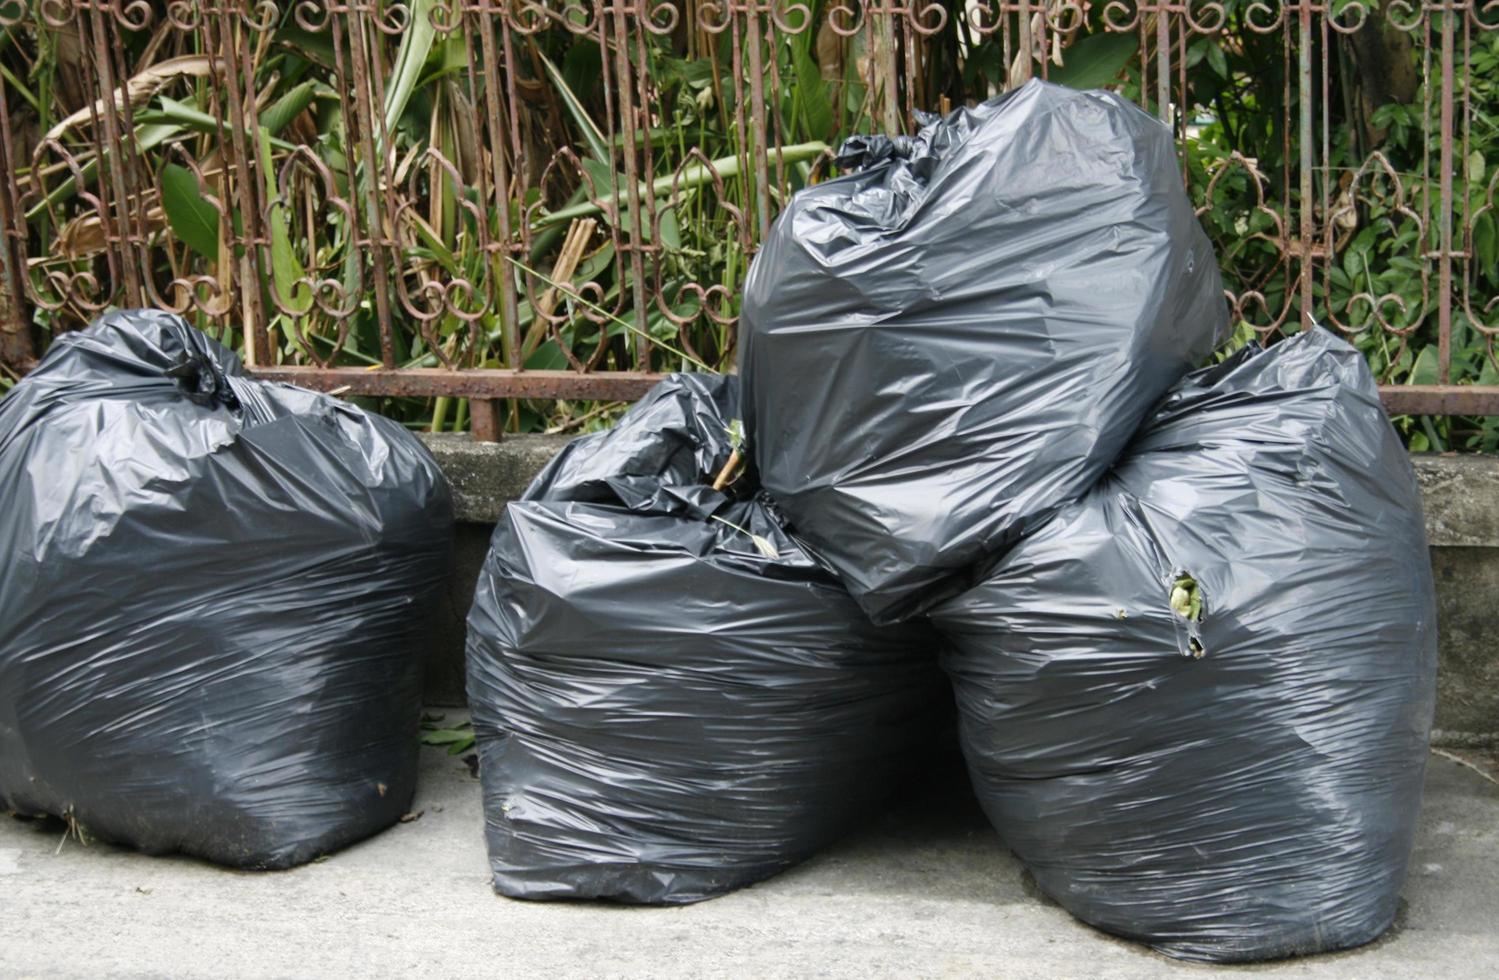 mucchio di sacchi della spazzatura foto